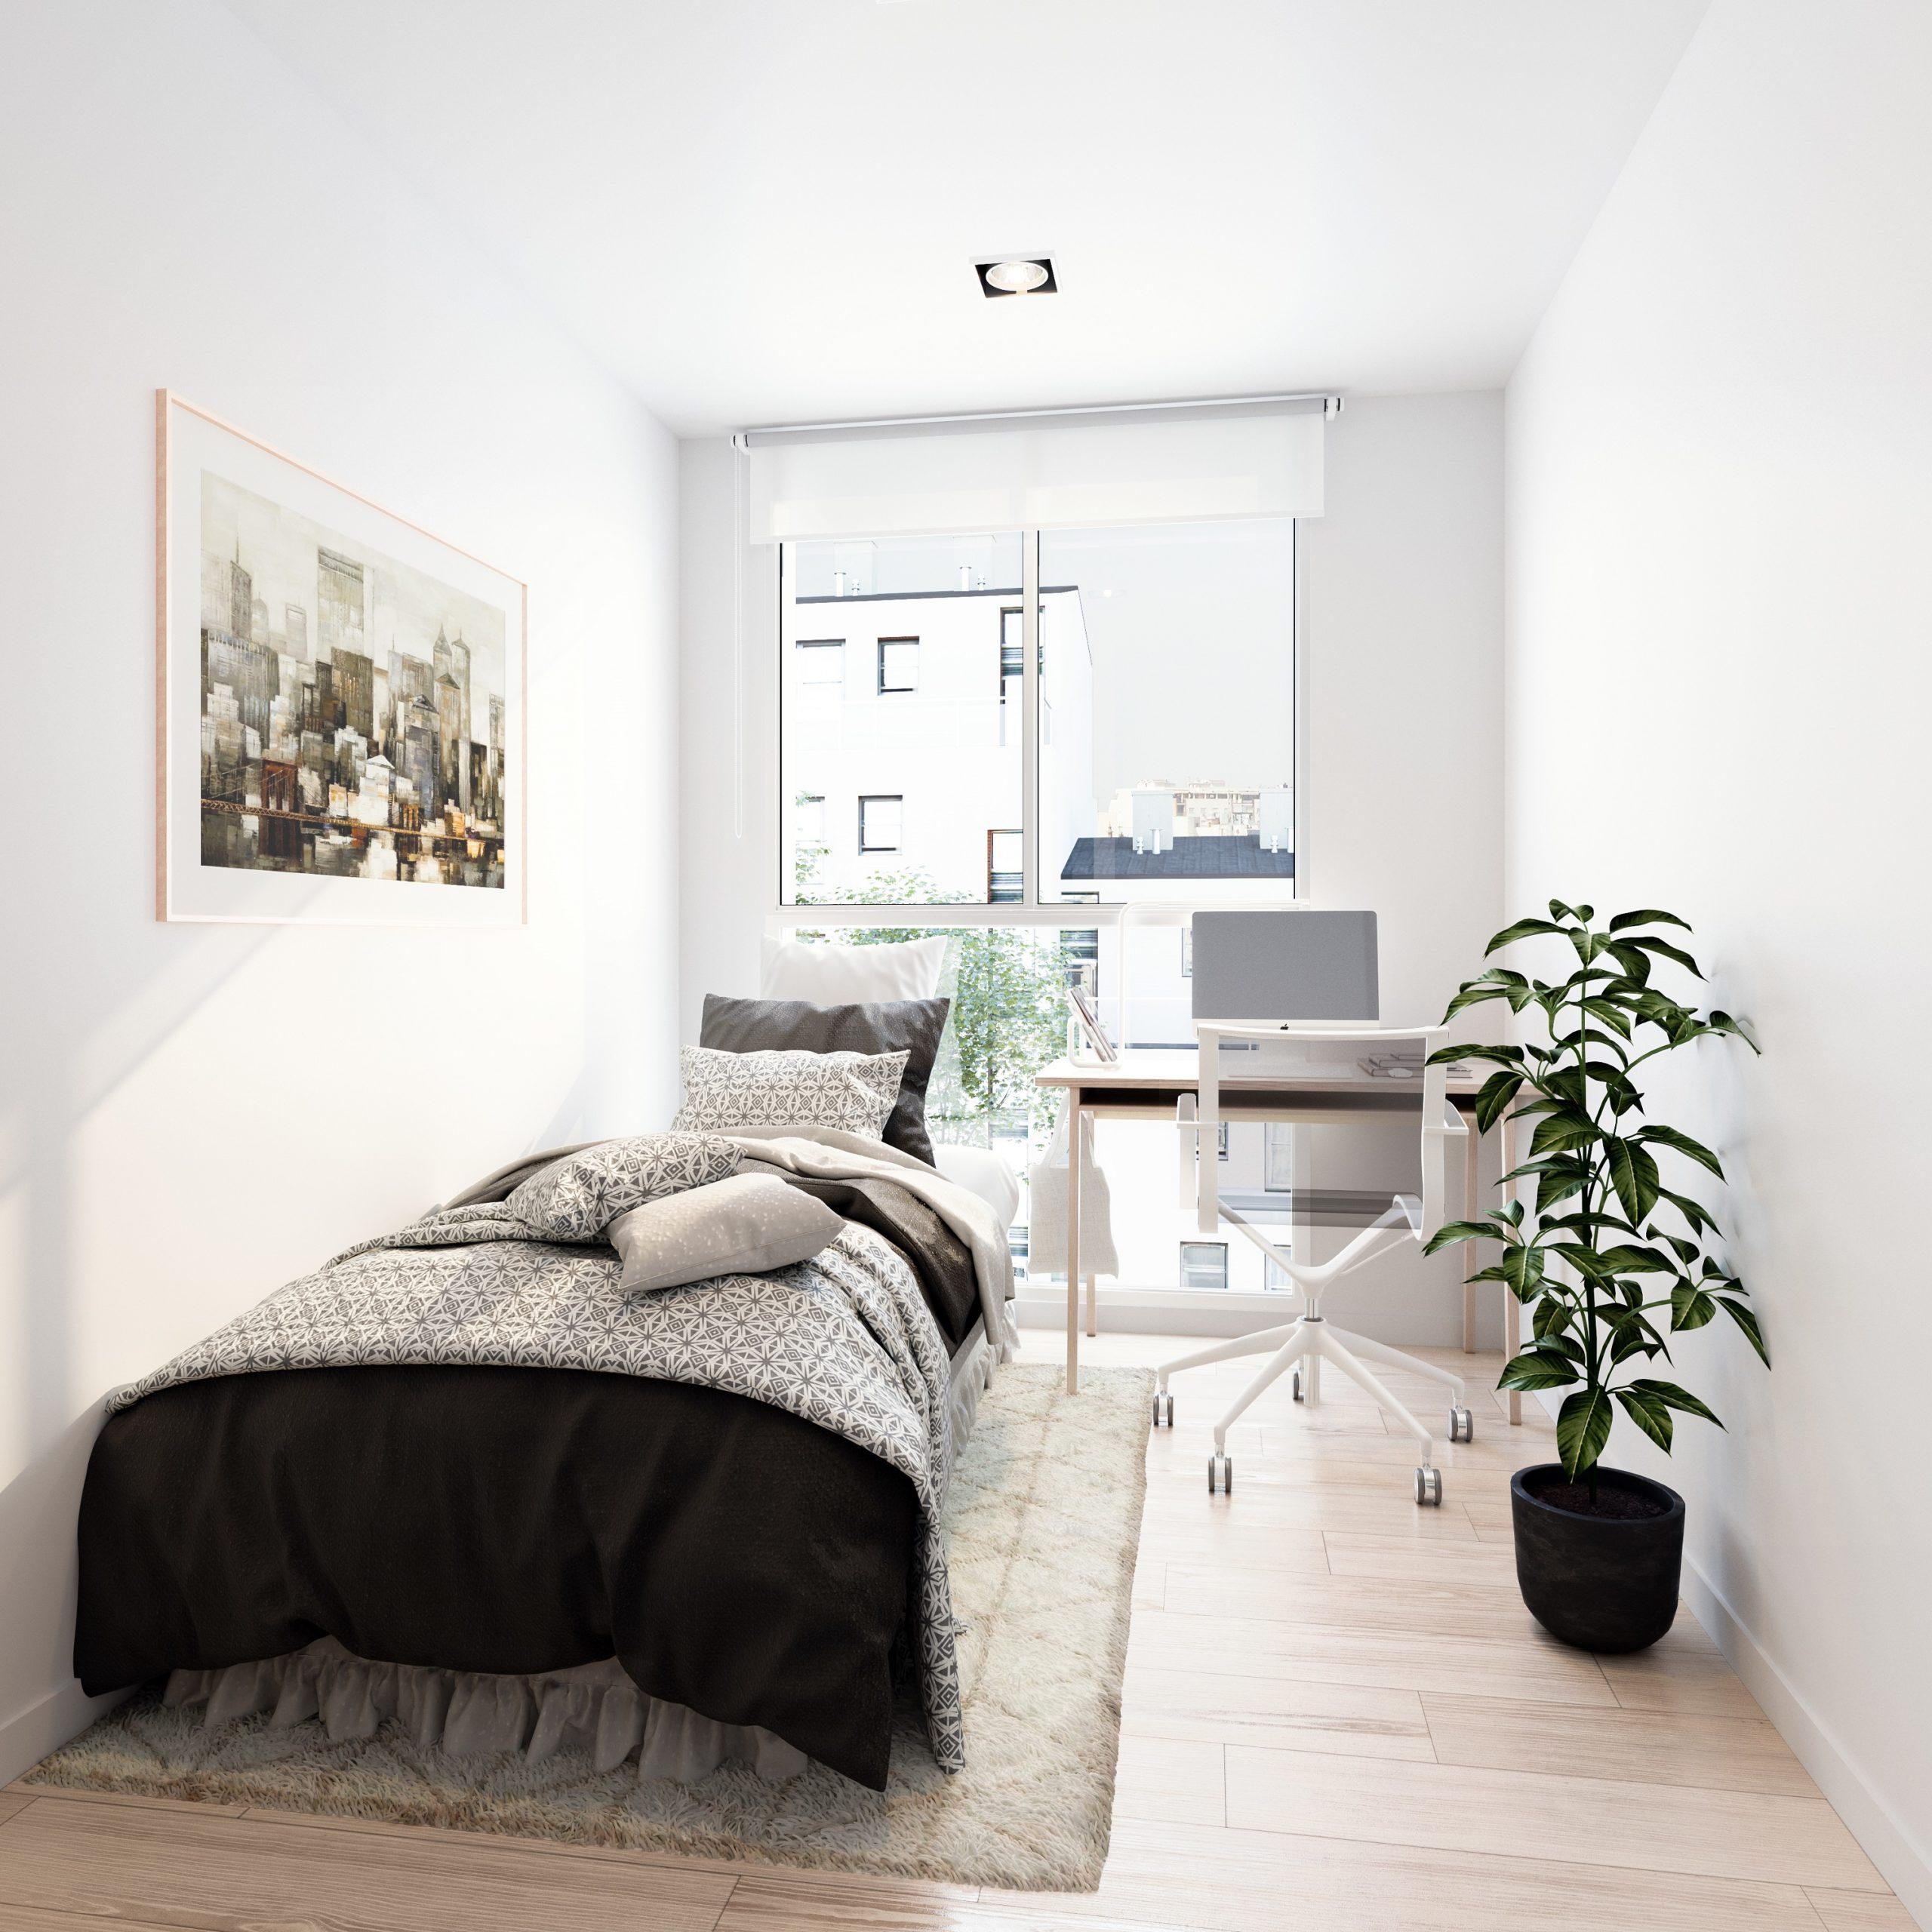 18 WR10 Dormitorio 2 Tip A